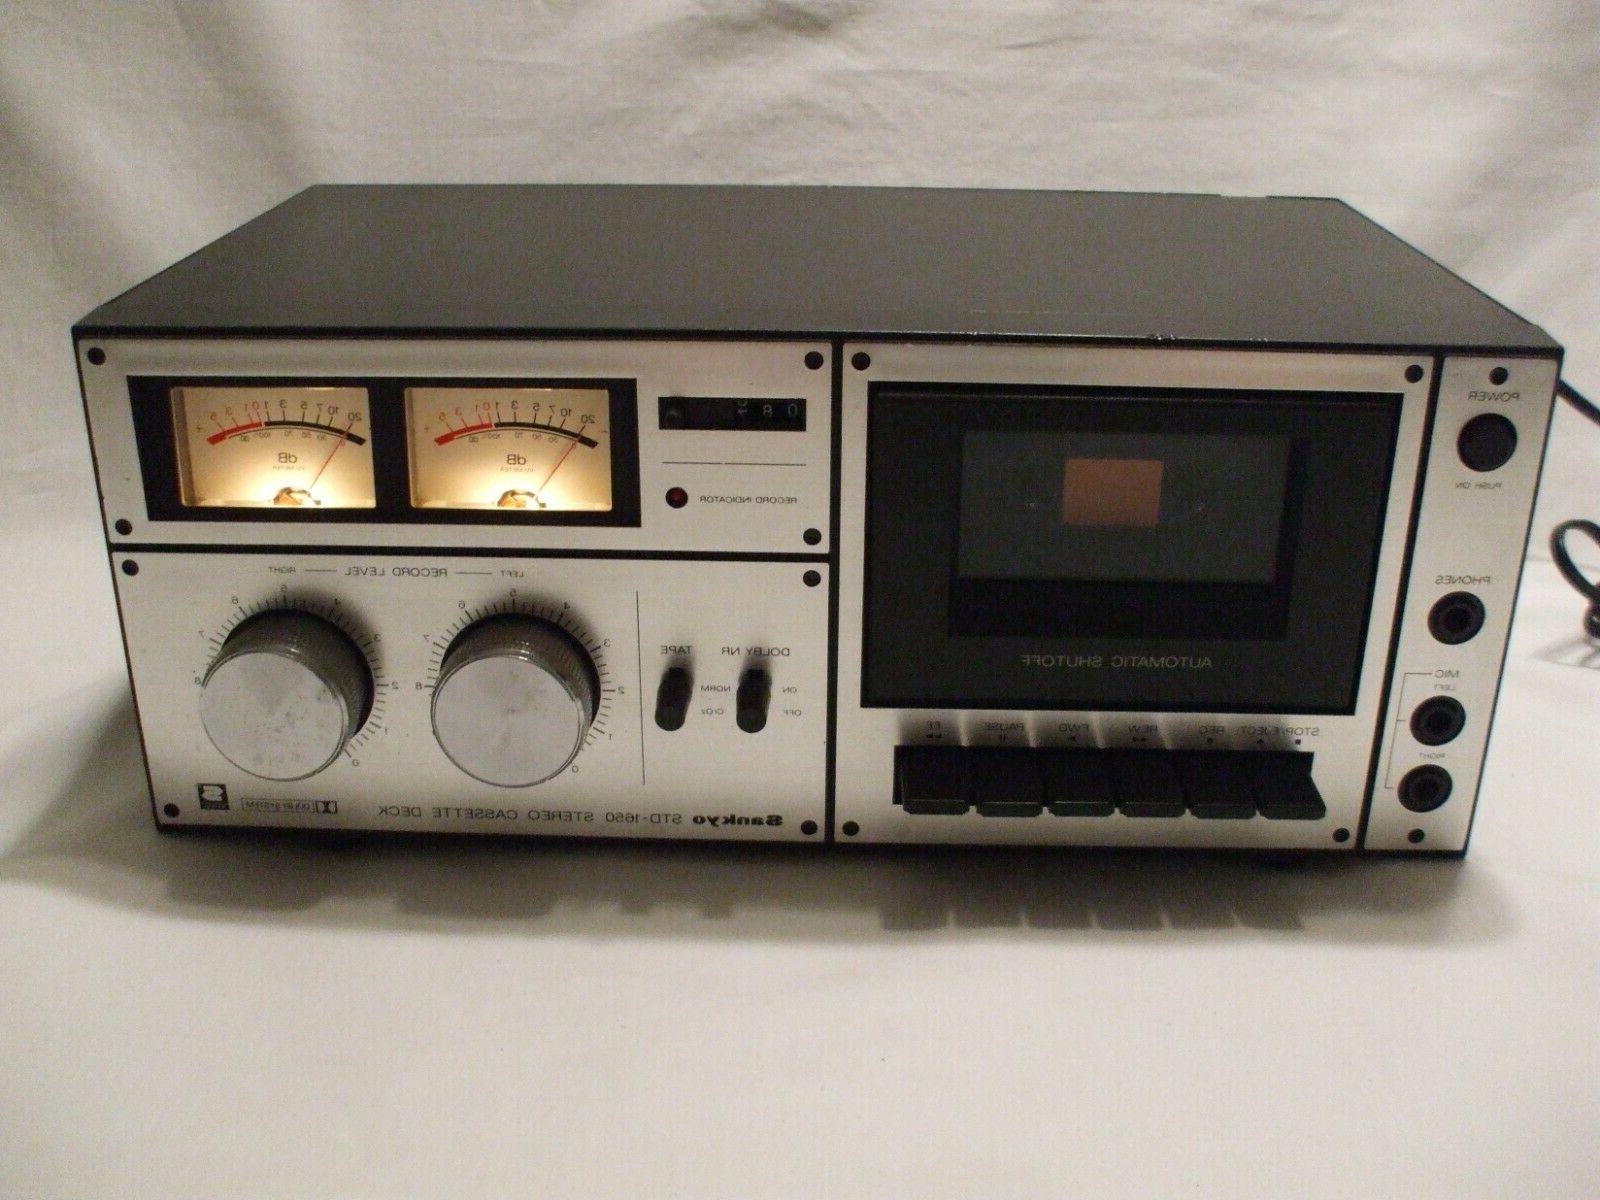 SANKYO Stereo Deck Vintage 1980's repair